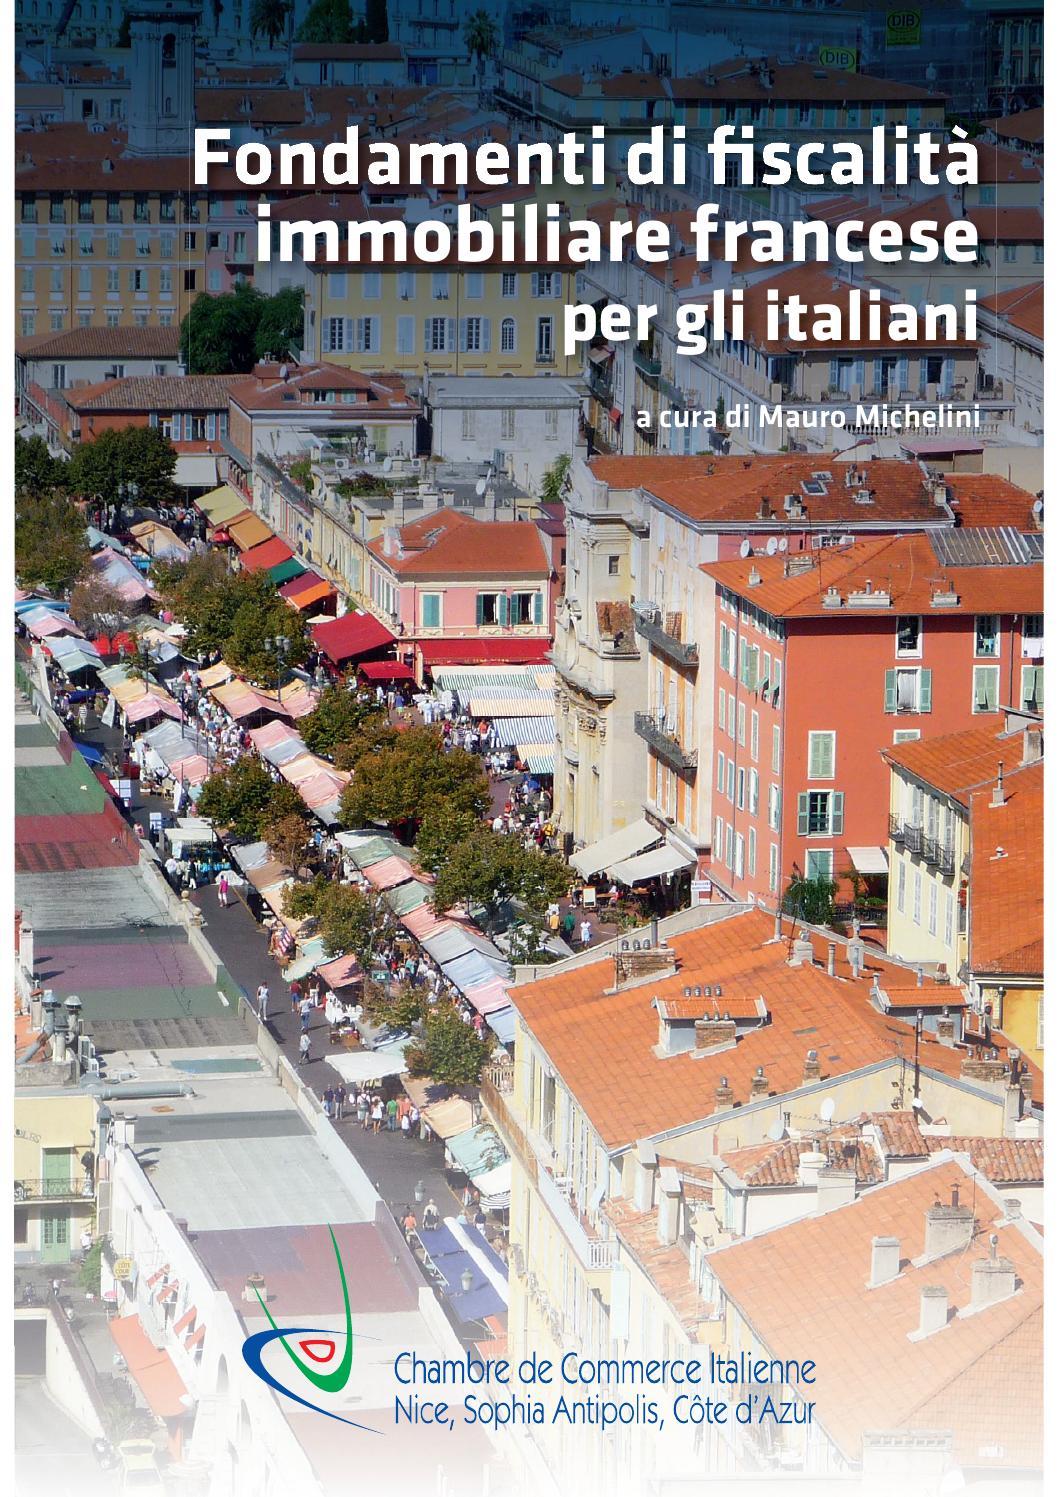 Fondamenti di fiscalit immobiliare francese per gli - Chambre de commerce italienne de nice ...